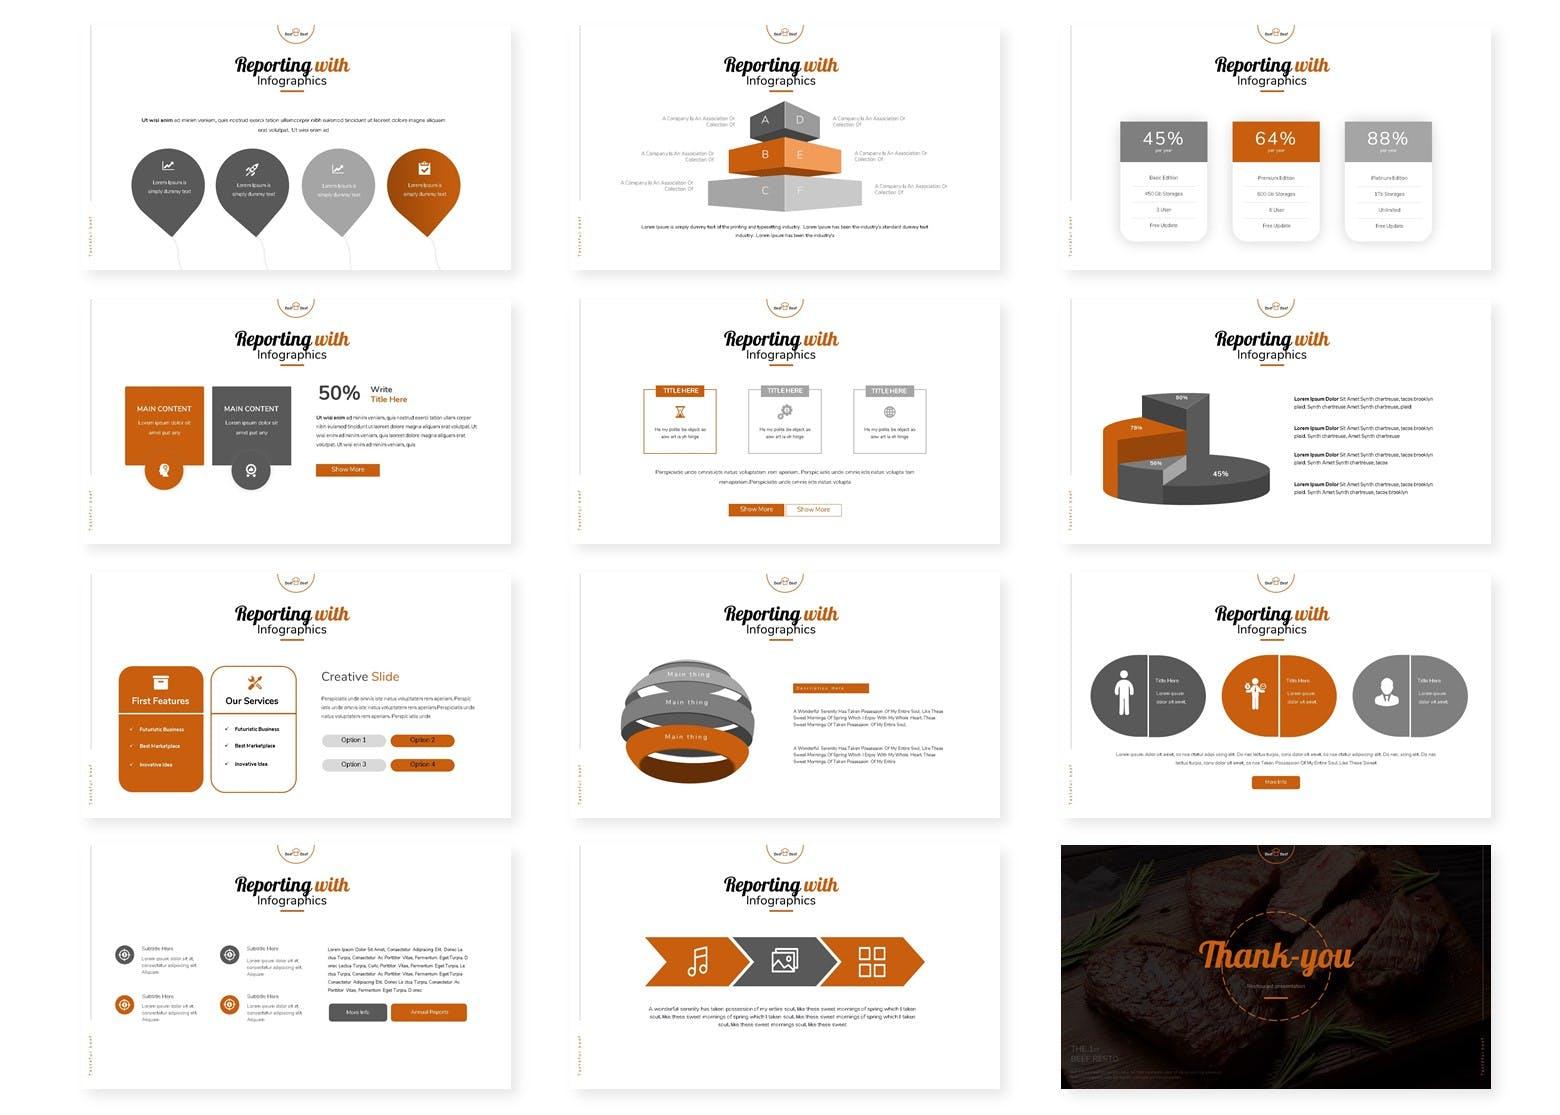 西餐厅菜肴牛排主题介绍PPT幻灯片模板 Bief And Beef | Powerpoint, Keynote, Google Slides设计素材模板